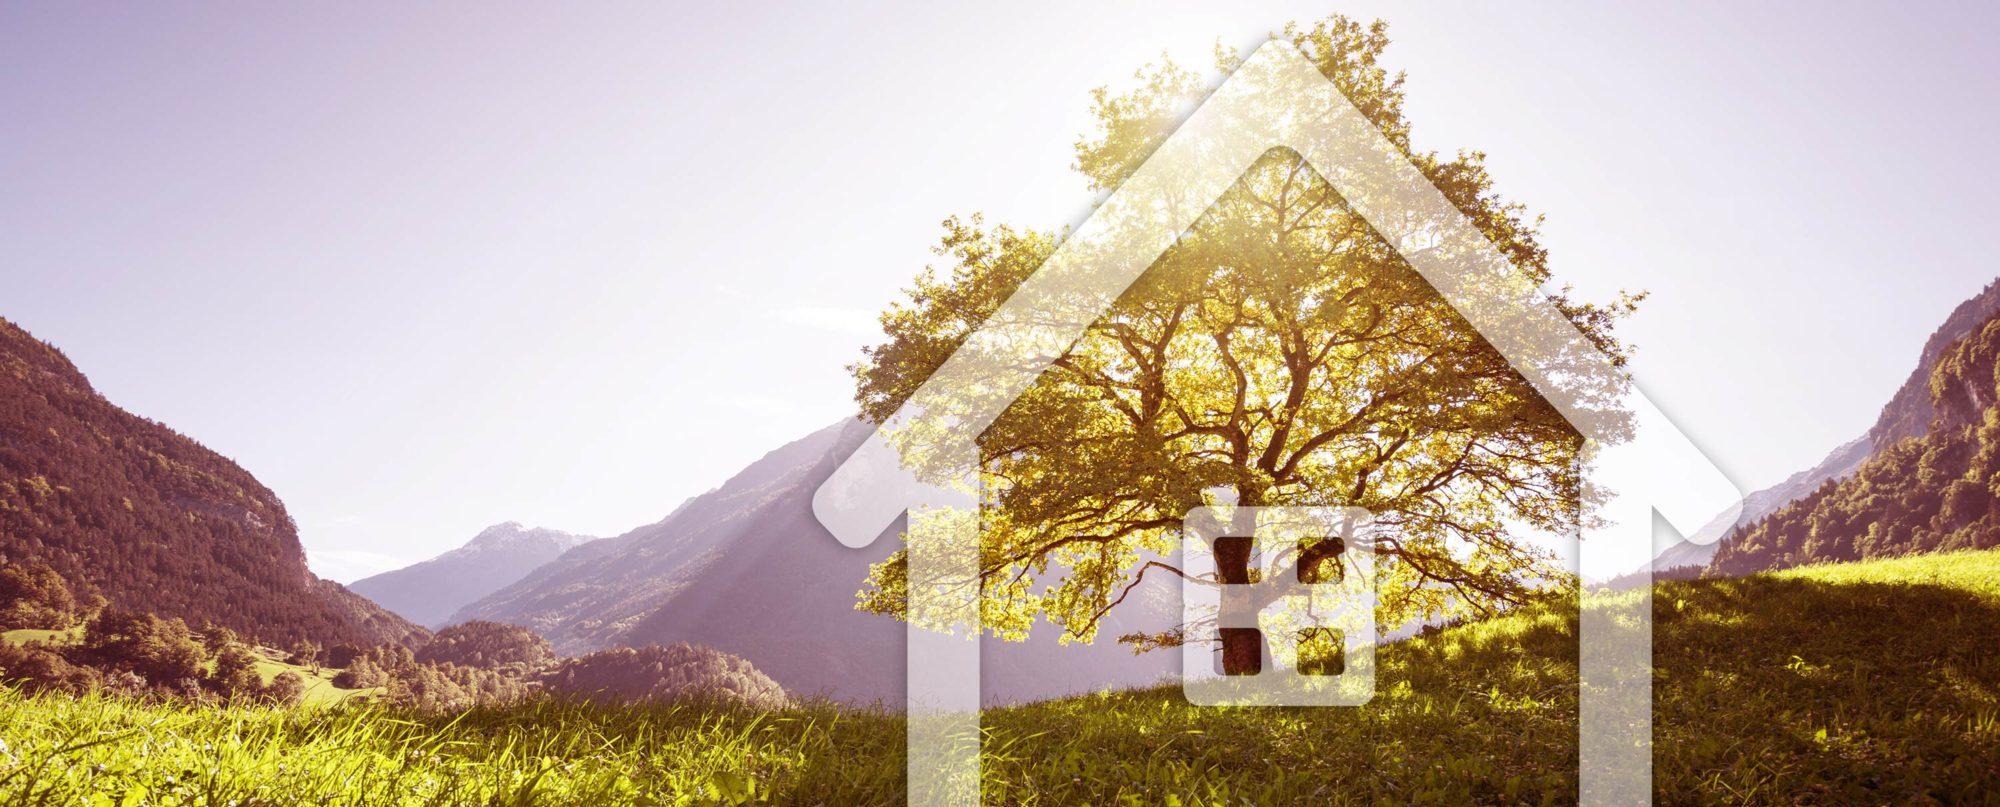 Haus Symbol vor Baum